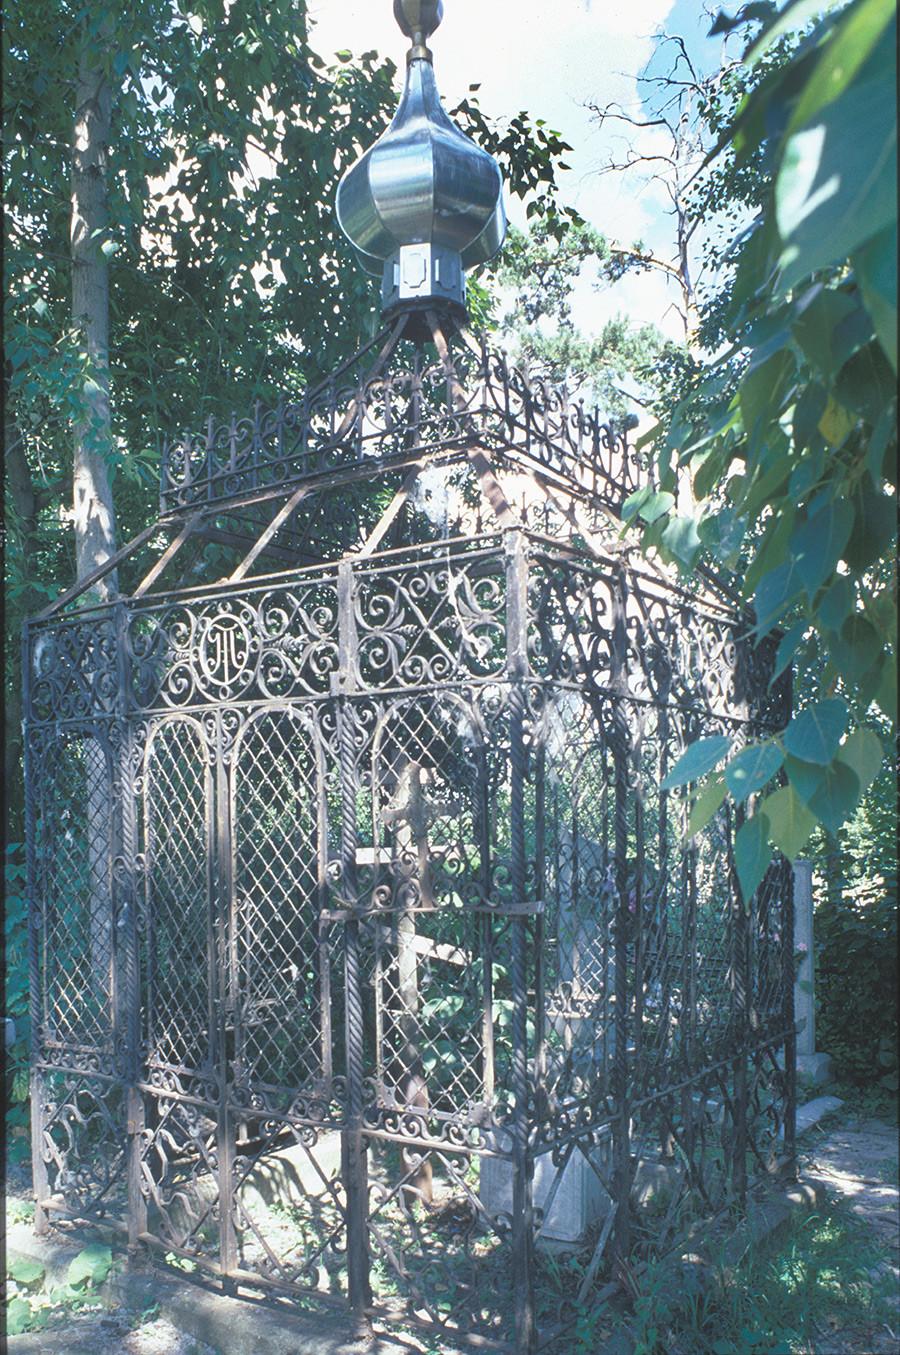 Pokopališče Kasli. Pokopališče je ograjeno z dekorativnimi izdelki iz železa Kasli. 14. julij 2003